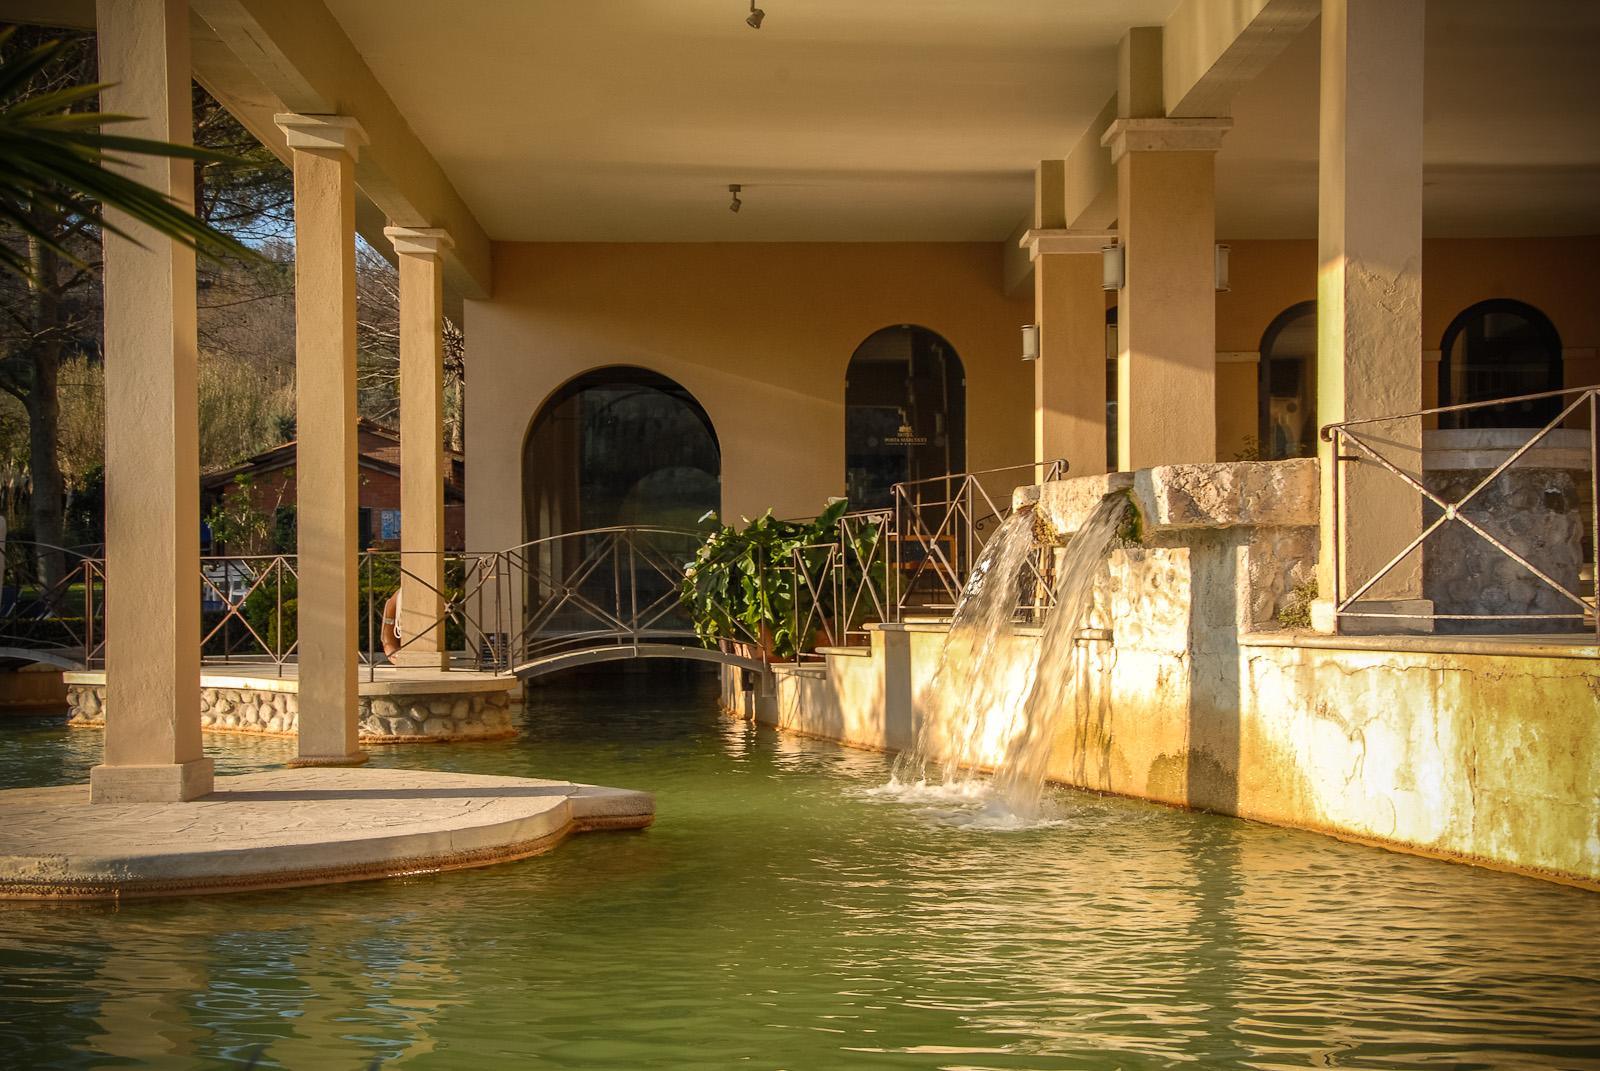 Bonari hotel posta marcucci bonari - Bagno vignoni hotel posta marcucci ...